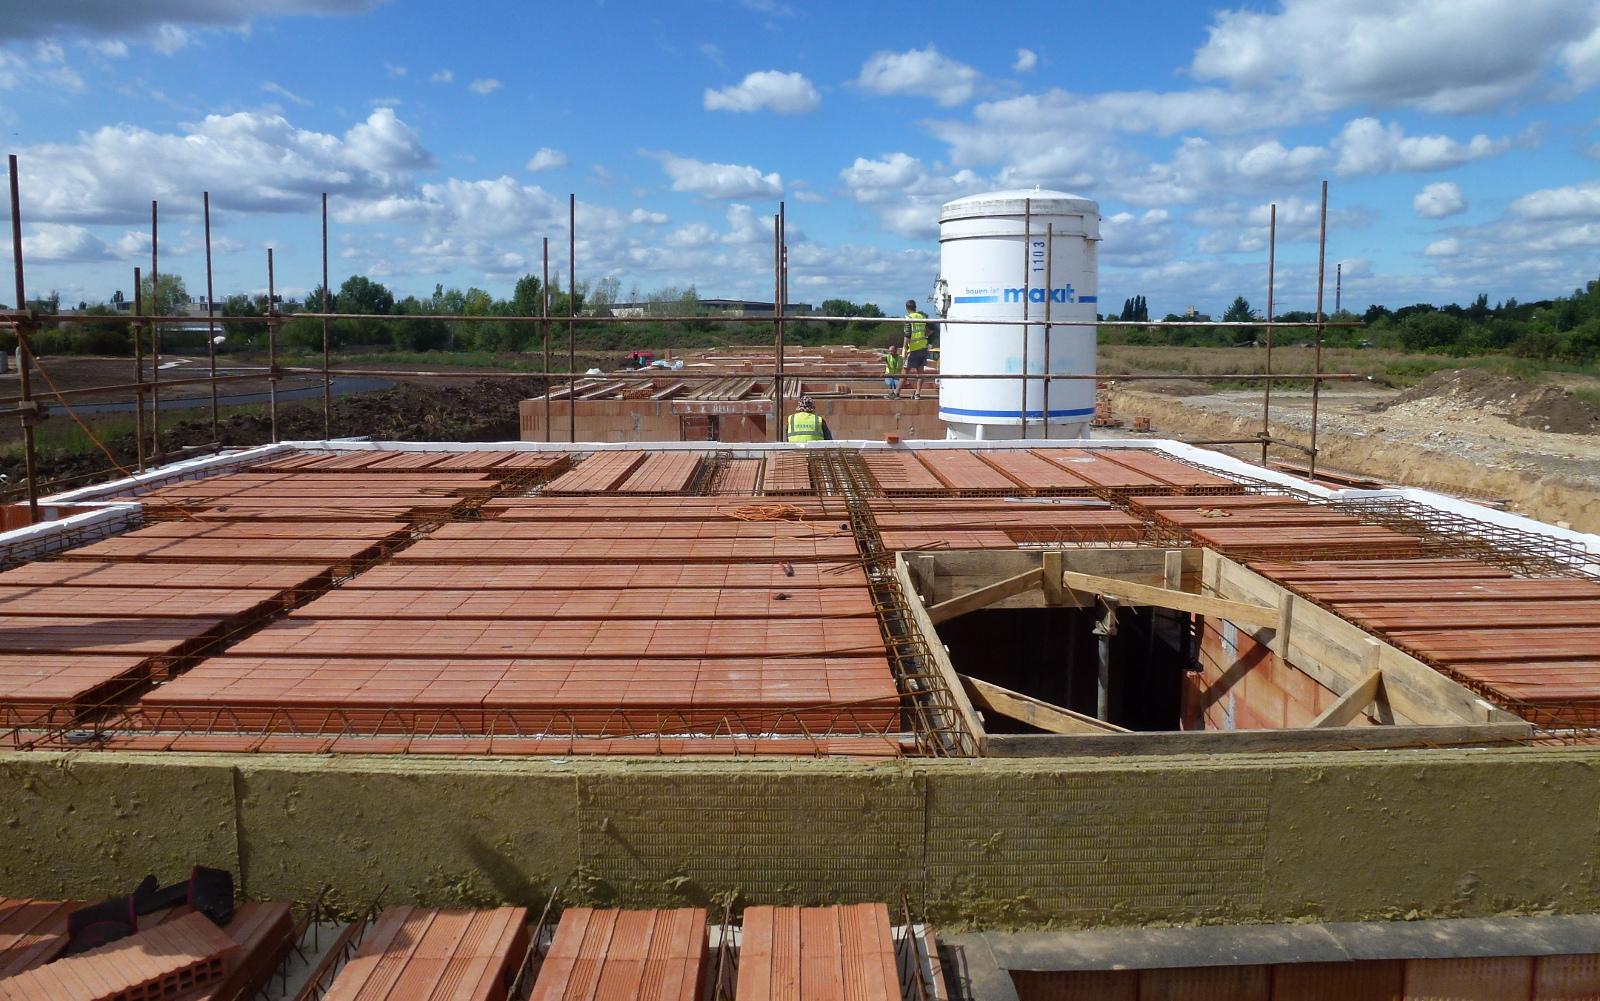 2015-08-25 Miako strop je připravený k betonování (dům 03)